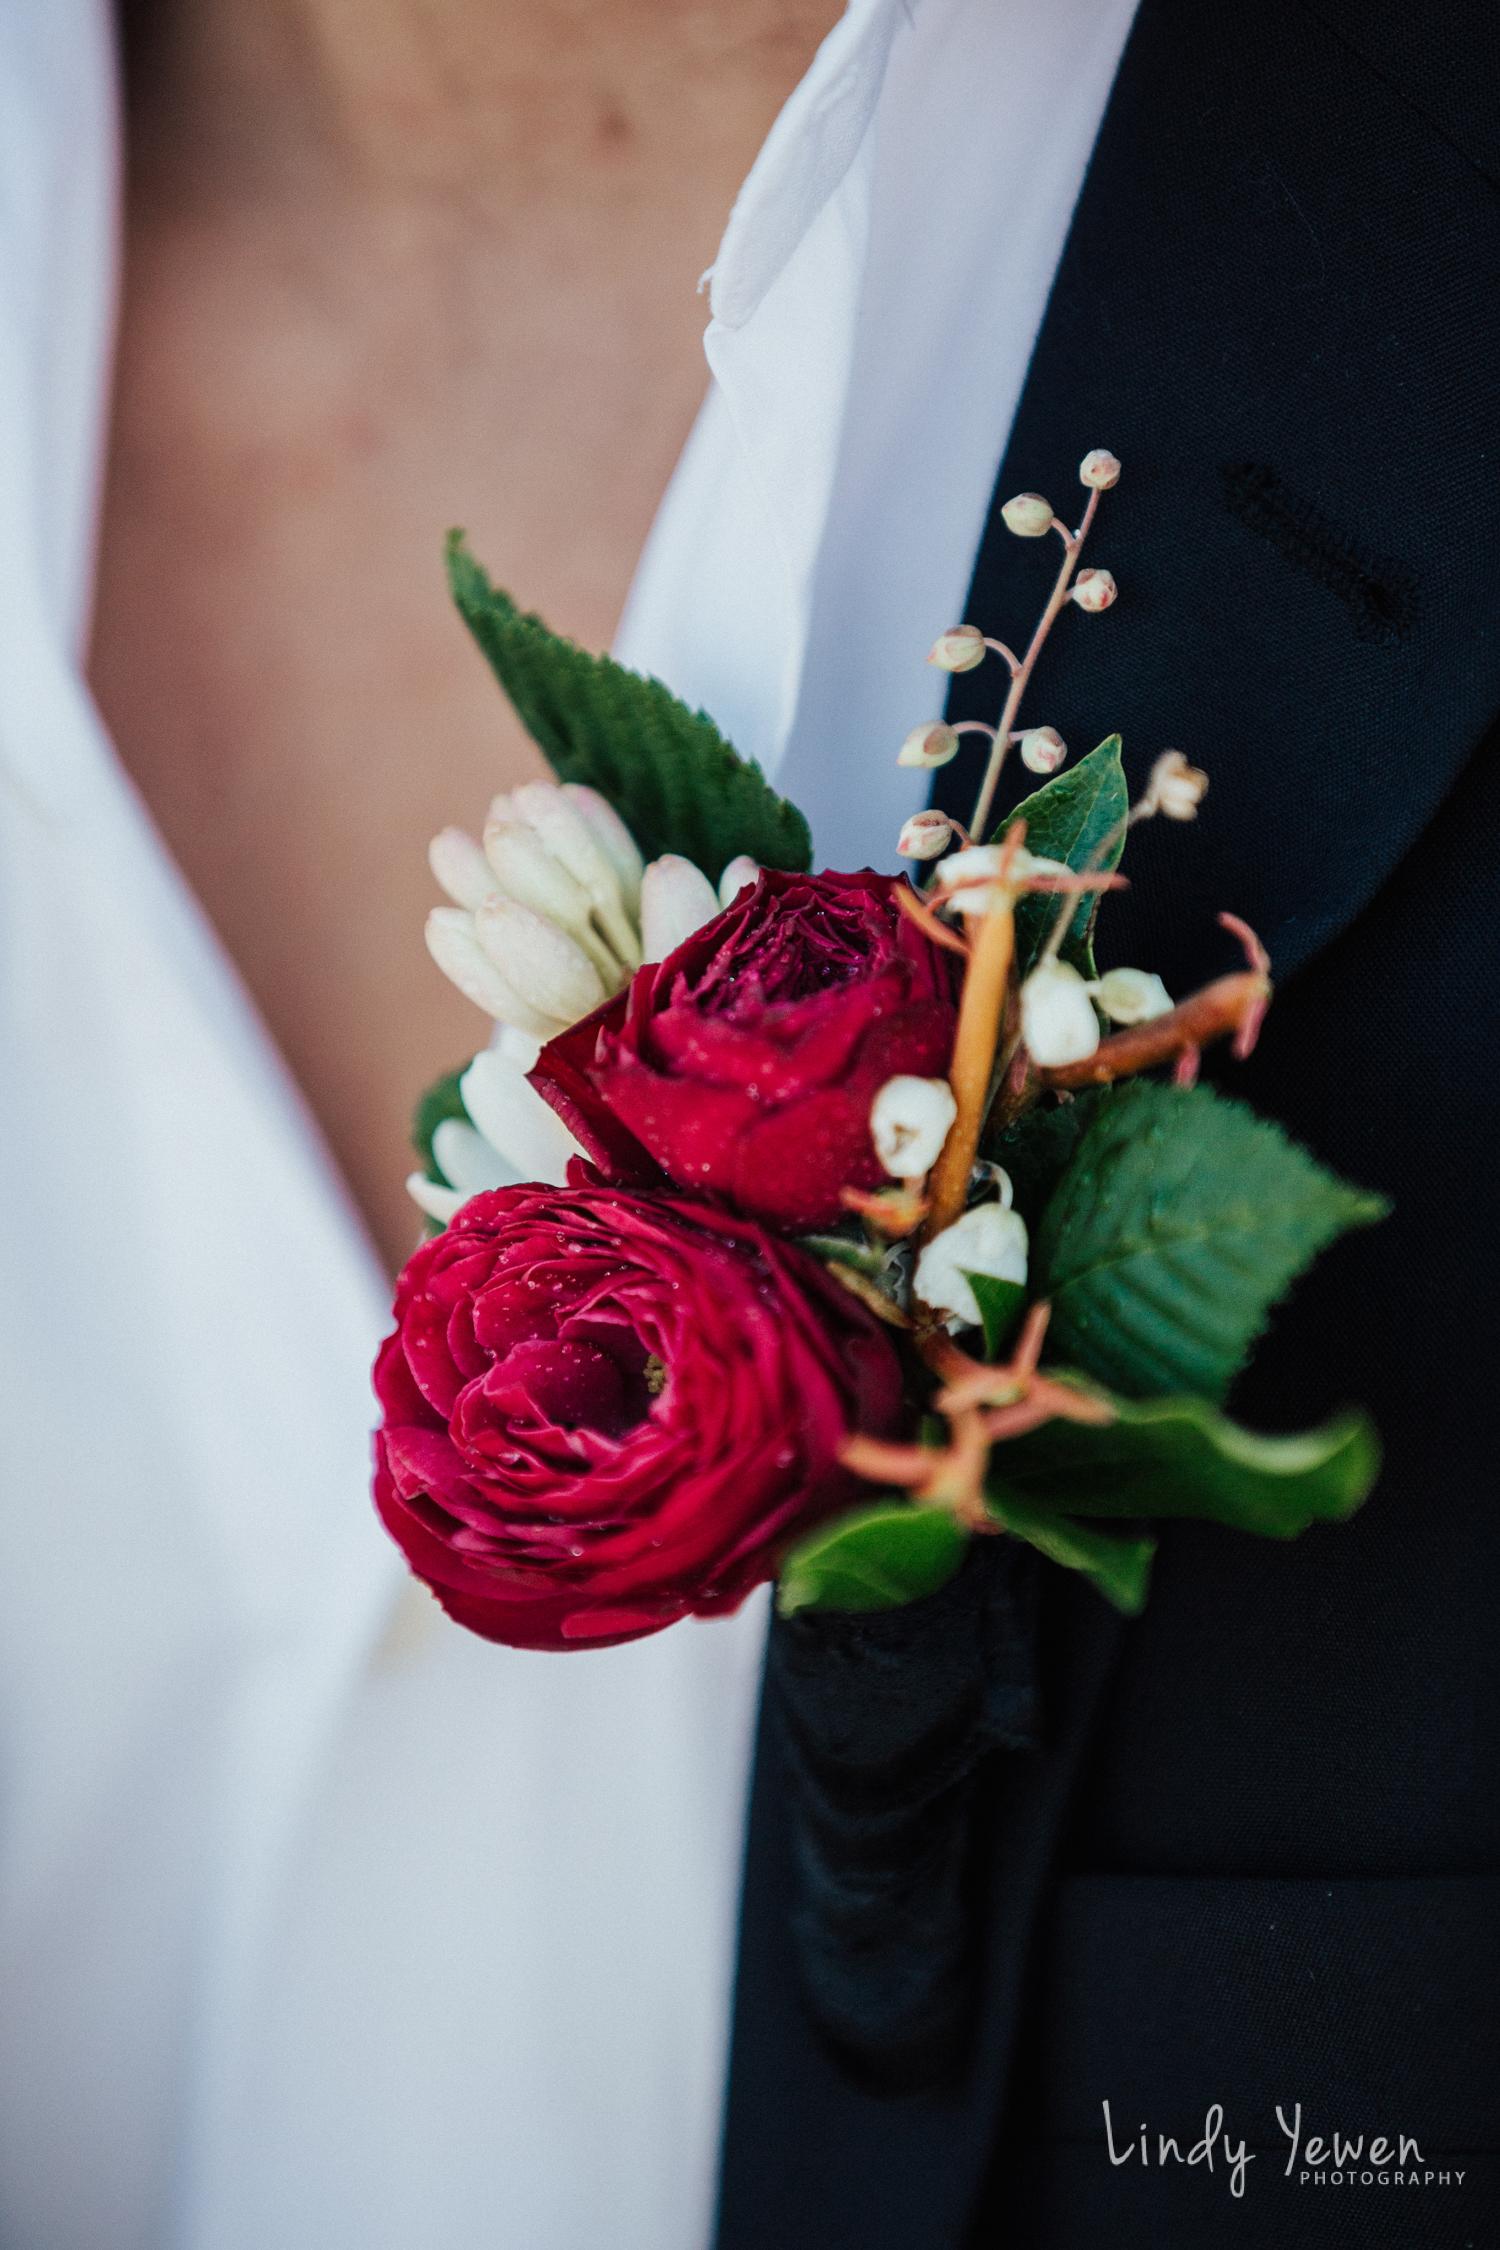 Lindy-Yewen-Photography-Spanish-Wedding 7.jpg